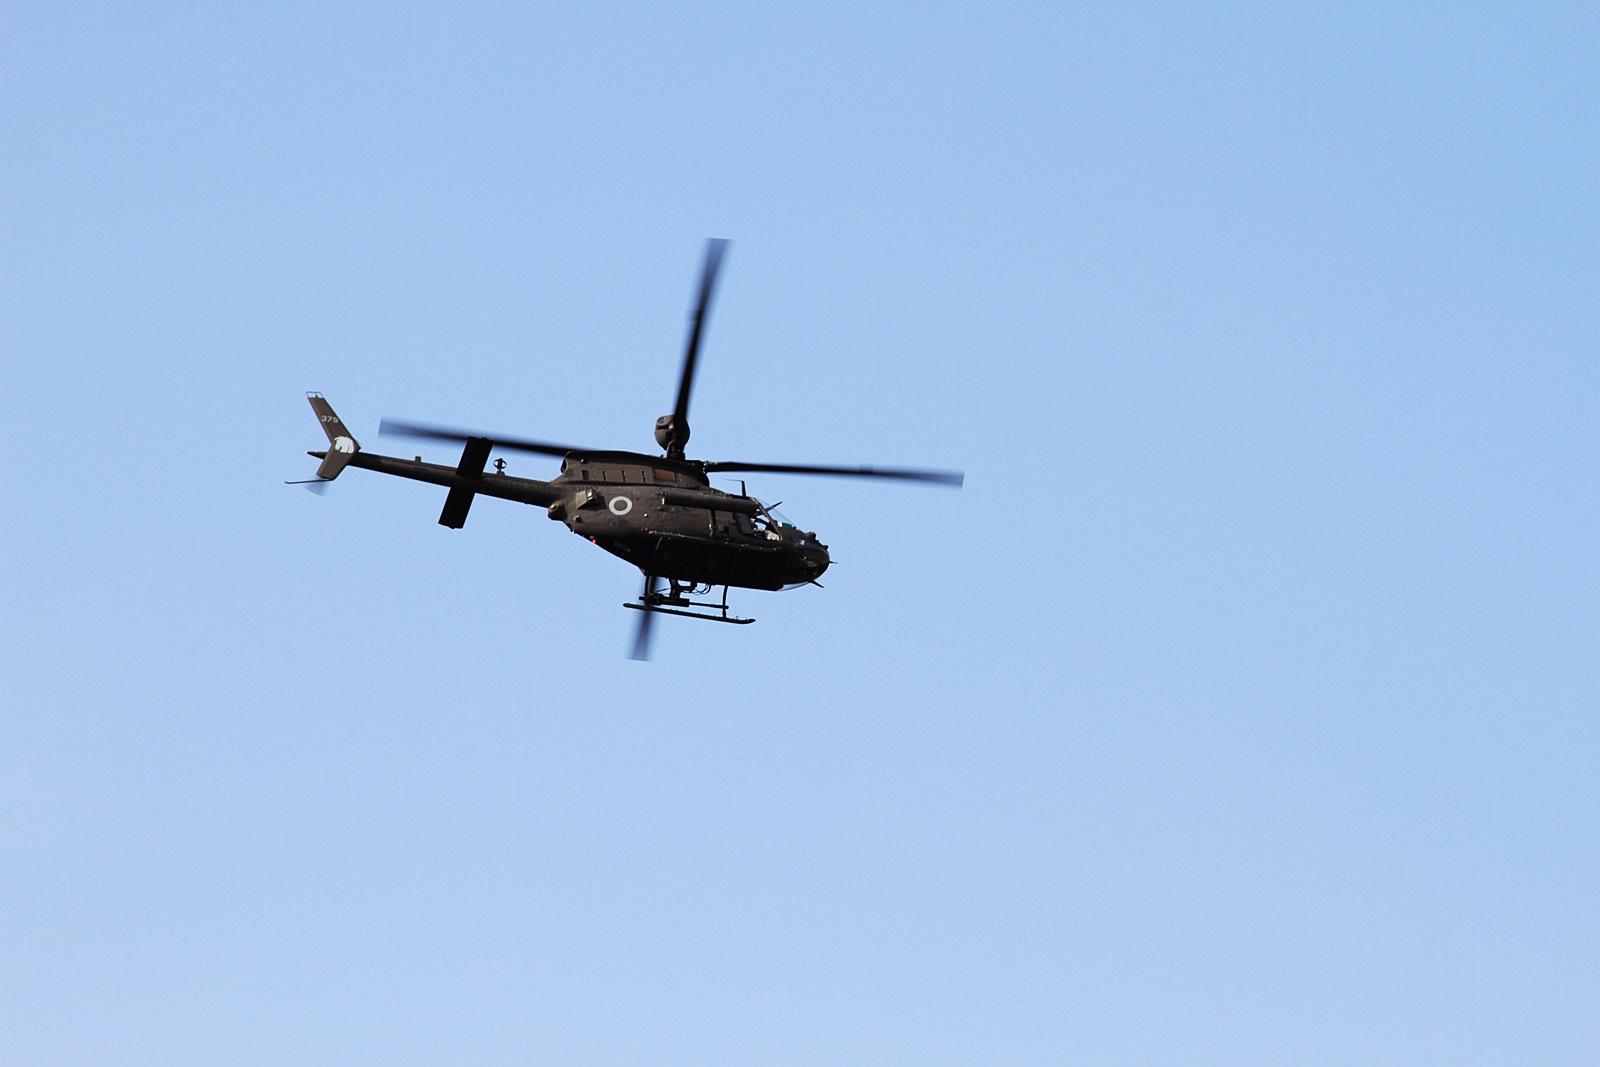 순환 배치된 주한미군 OH-58D Kiowa Warrior 실사..